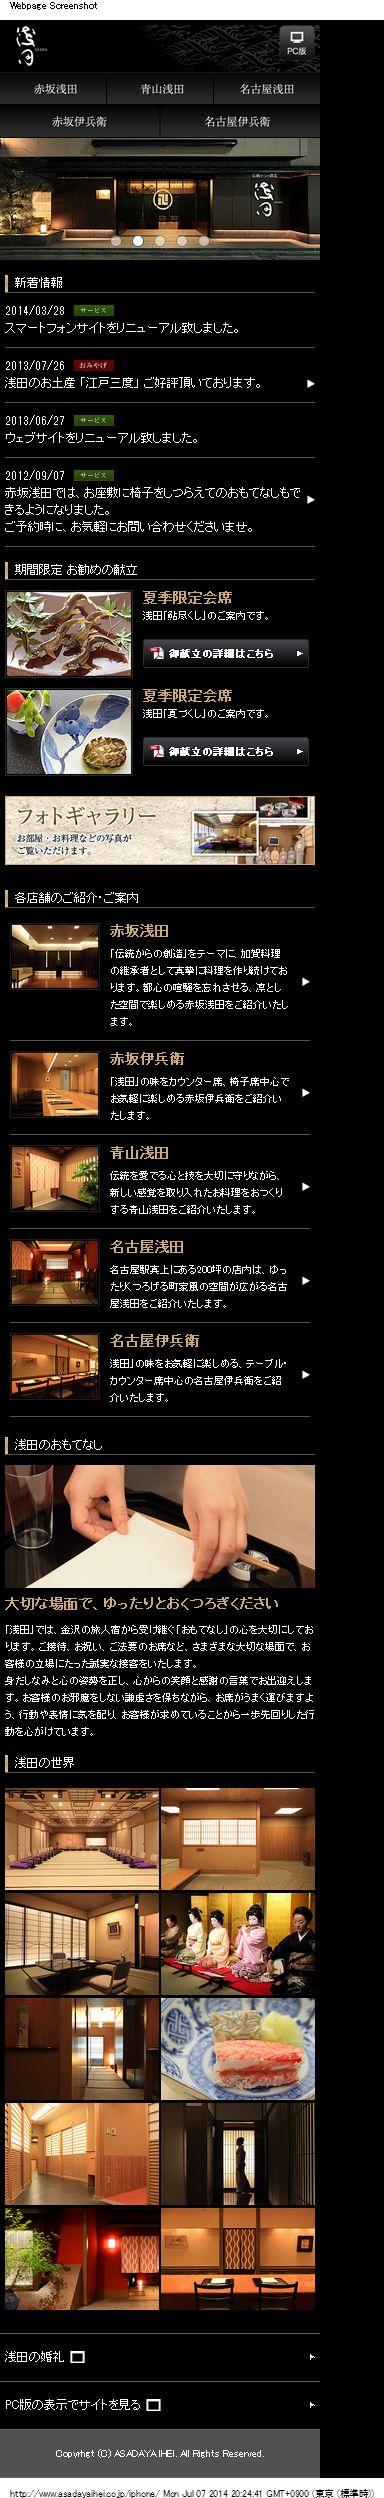 加賀料理の料亭「浅田」|伝統からの創造